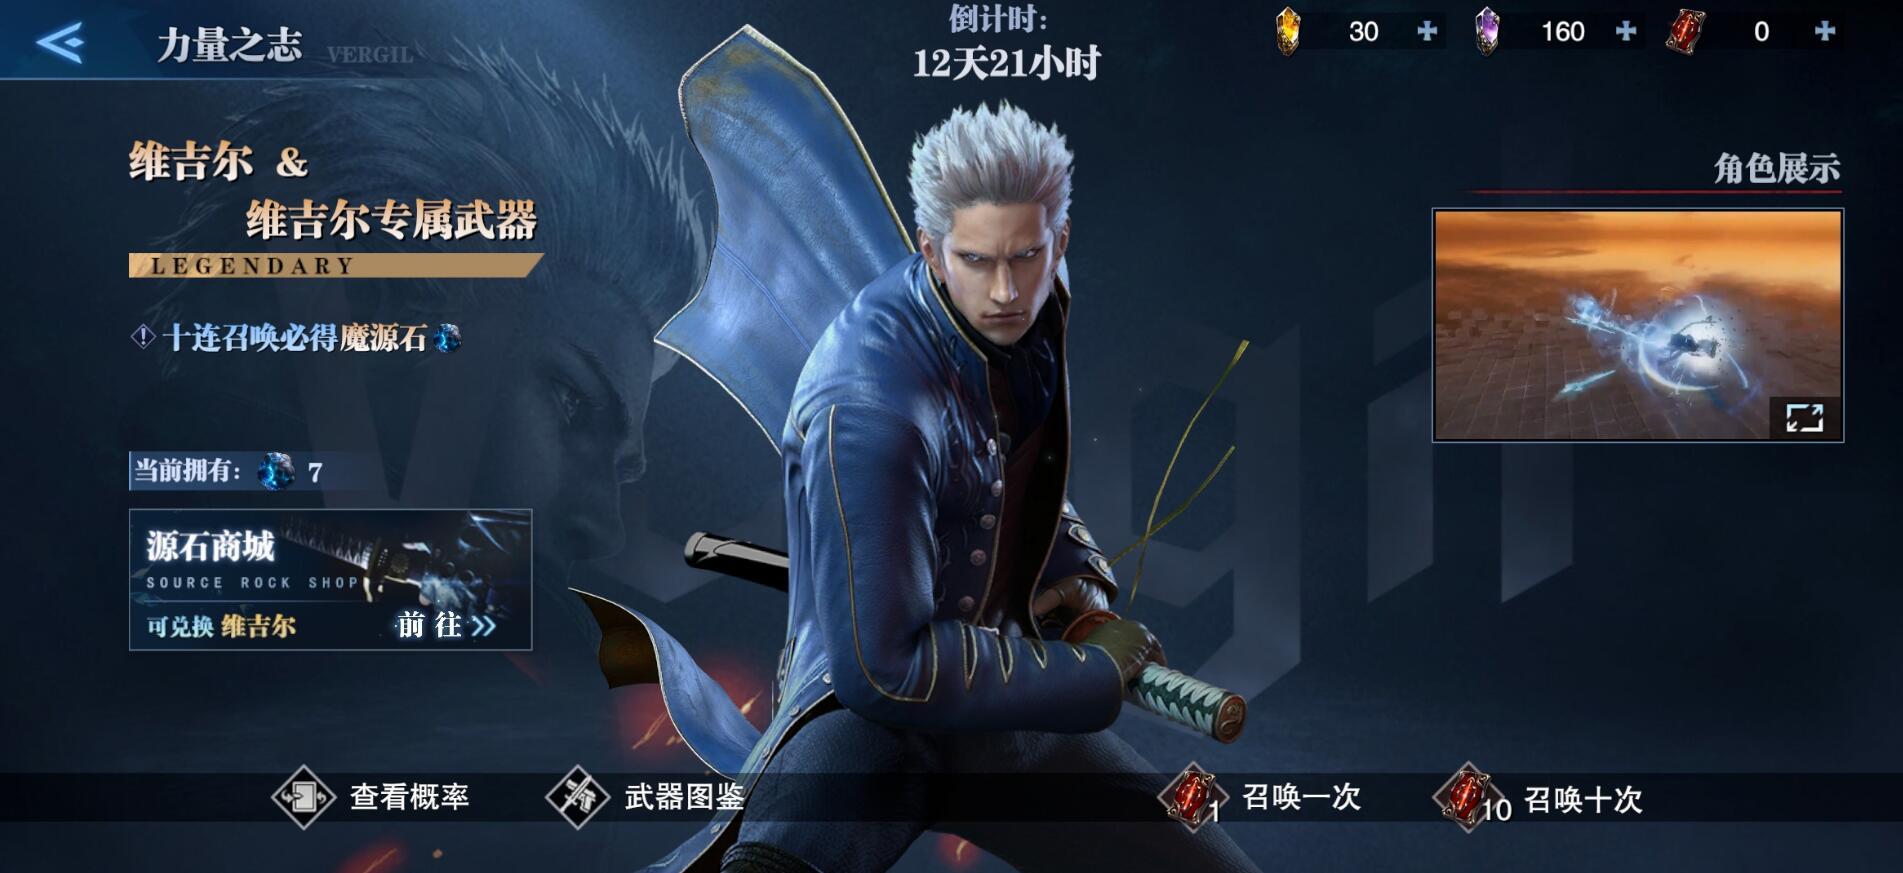 《鬼泣-巅峰之战》维吉尔手里剑连招技巧